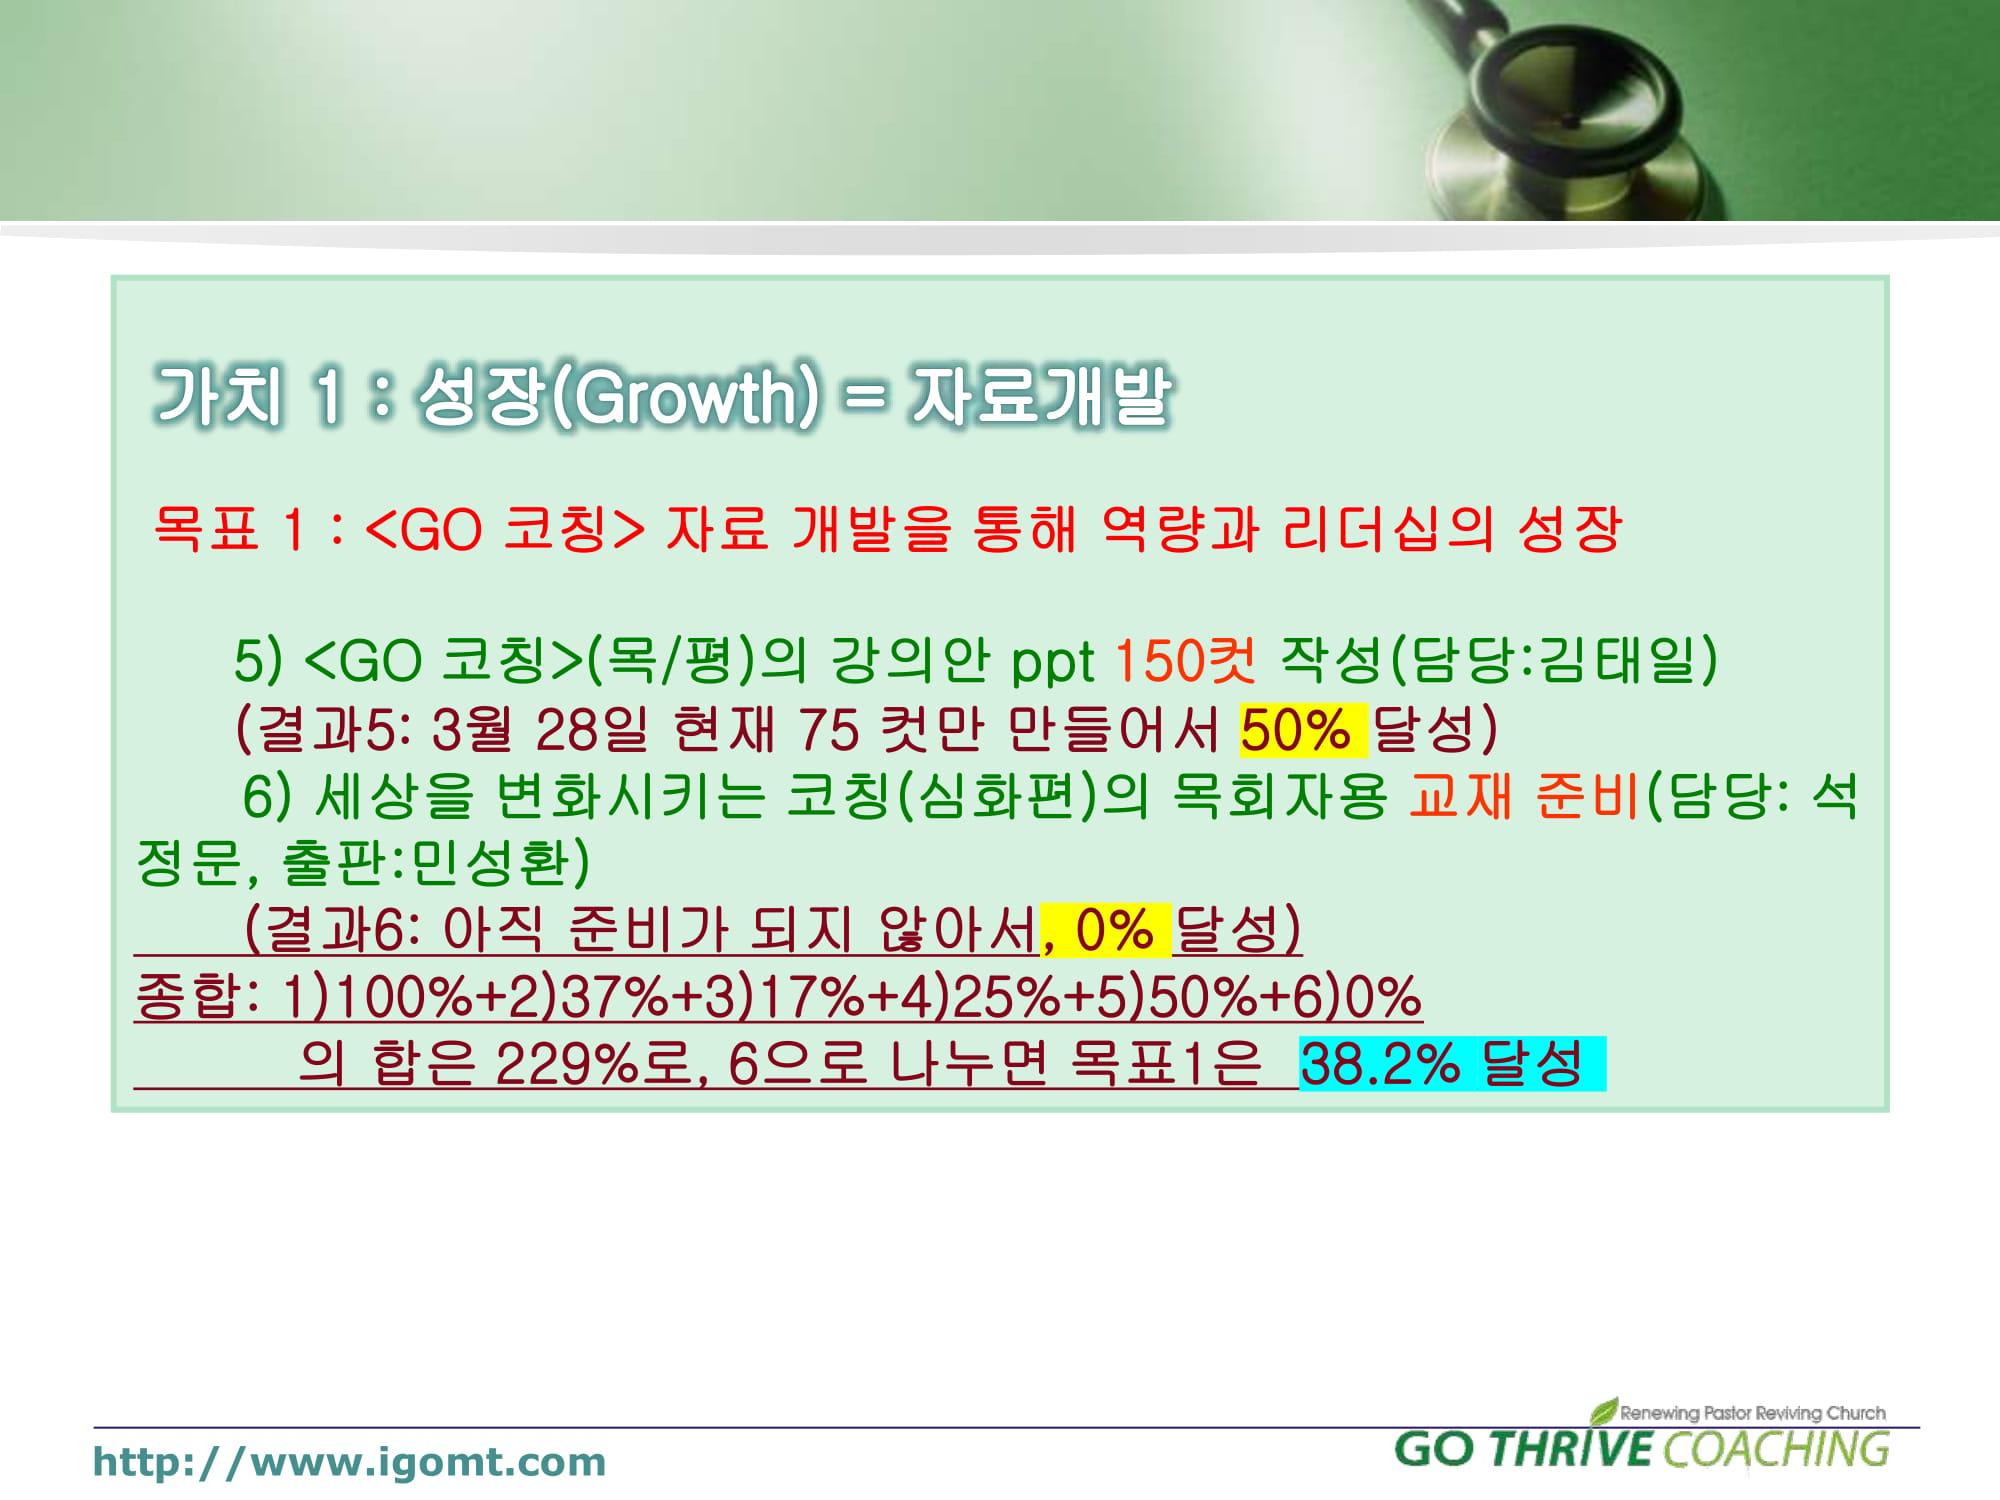 1-1-4분기-2018년 GO 코칭의 목표 ppt-06.jpg